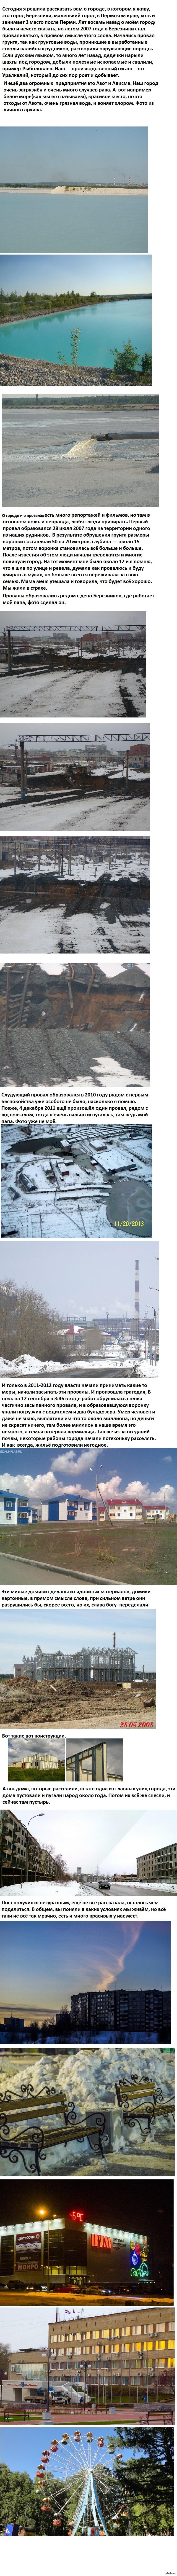 Мой город-Березники История от первого лица